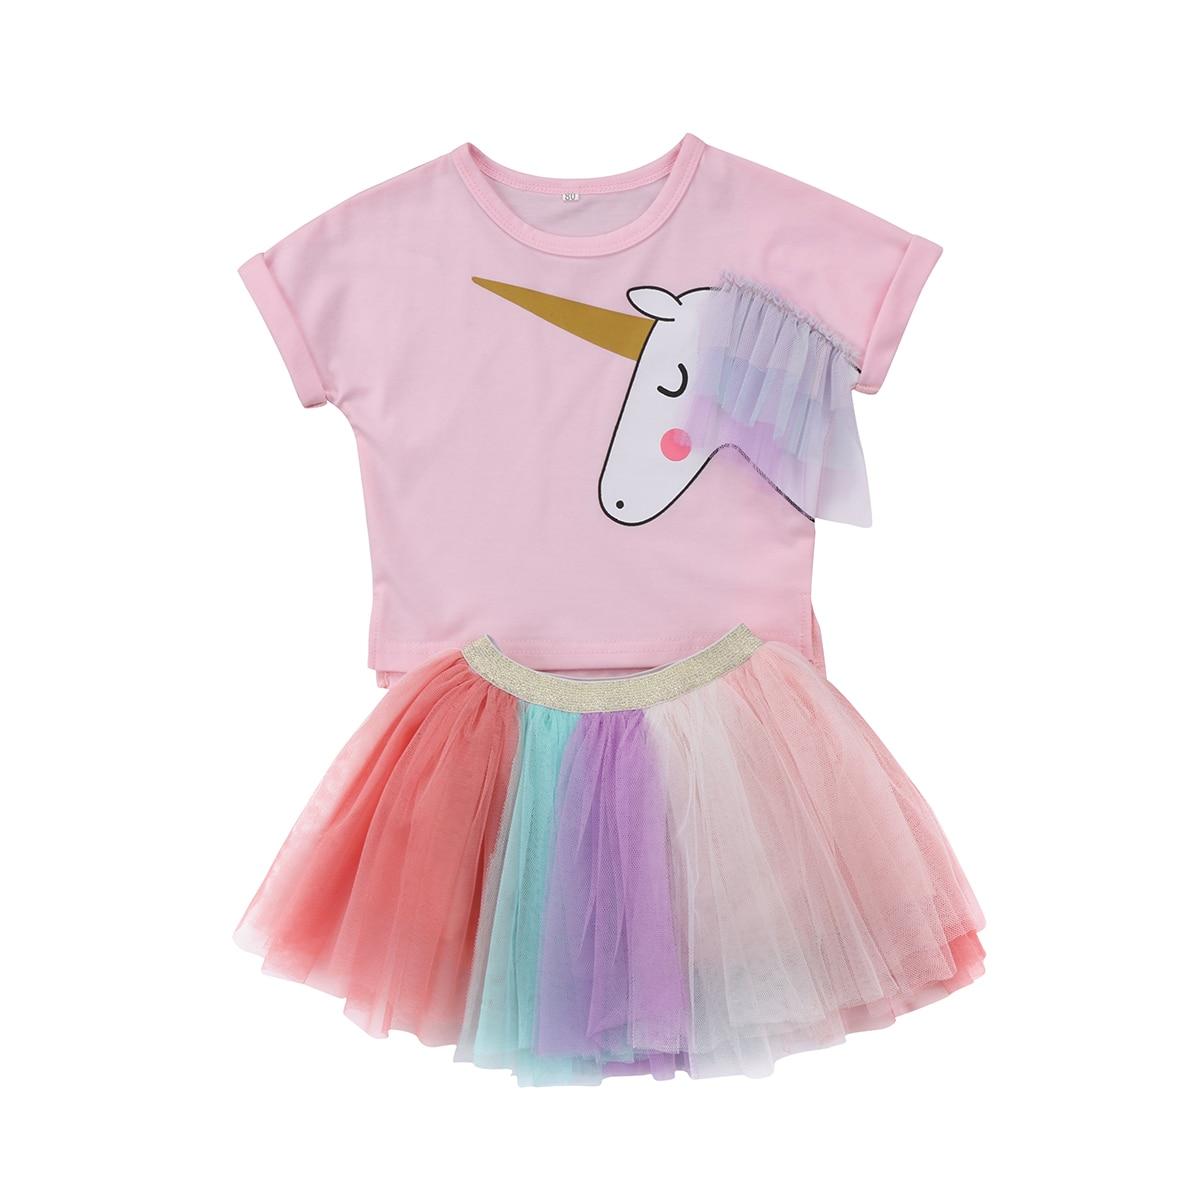 Enfants Bébé Filles Imprimé Top T-shirt + Dentelle Tutu Jupe Tenues Set Vêtements D'été